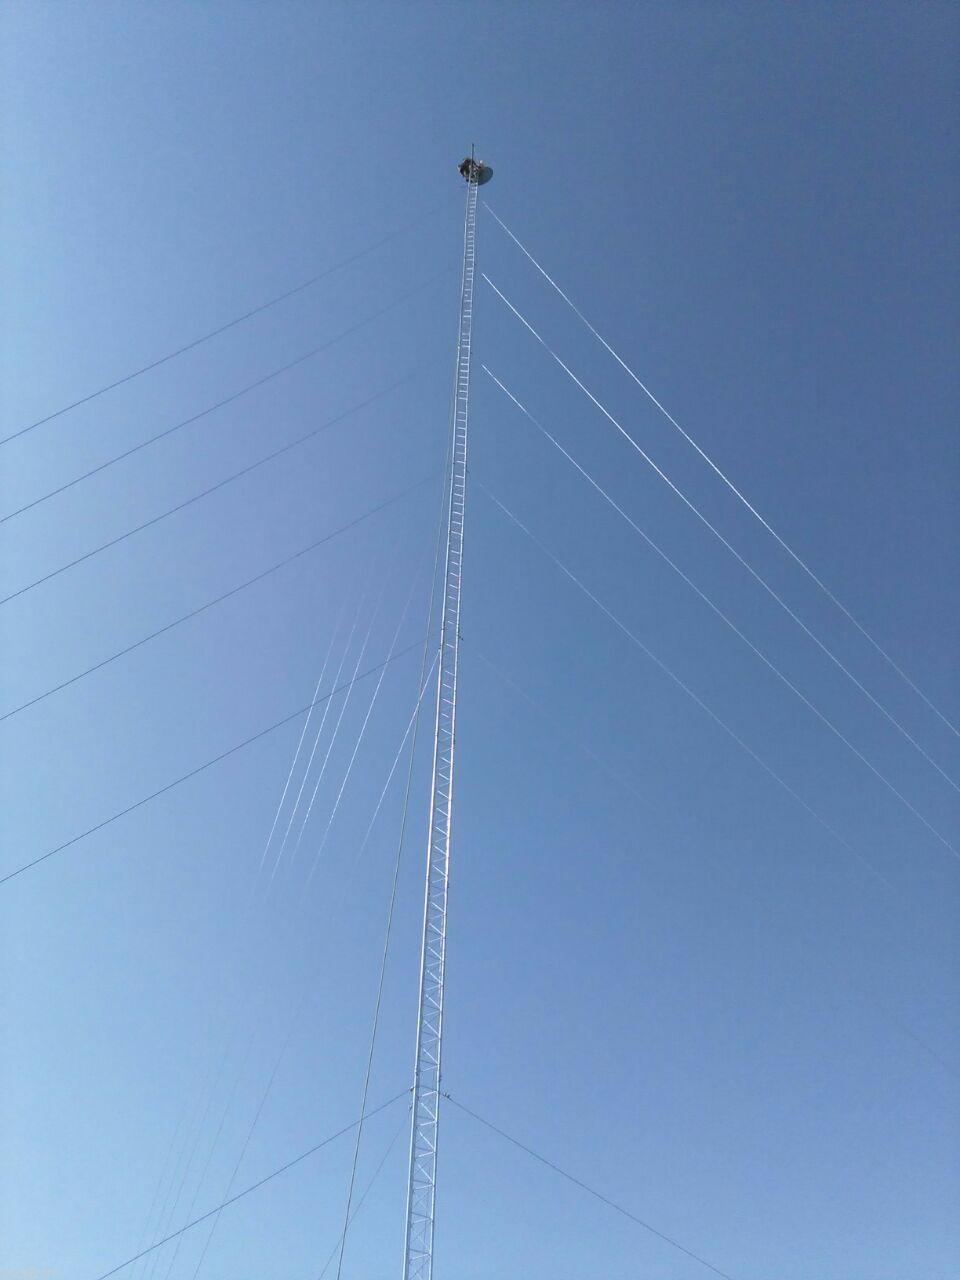 لینک رادیویی-دوربین مدار بسته-مشهد-pic1